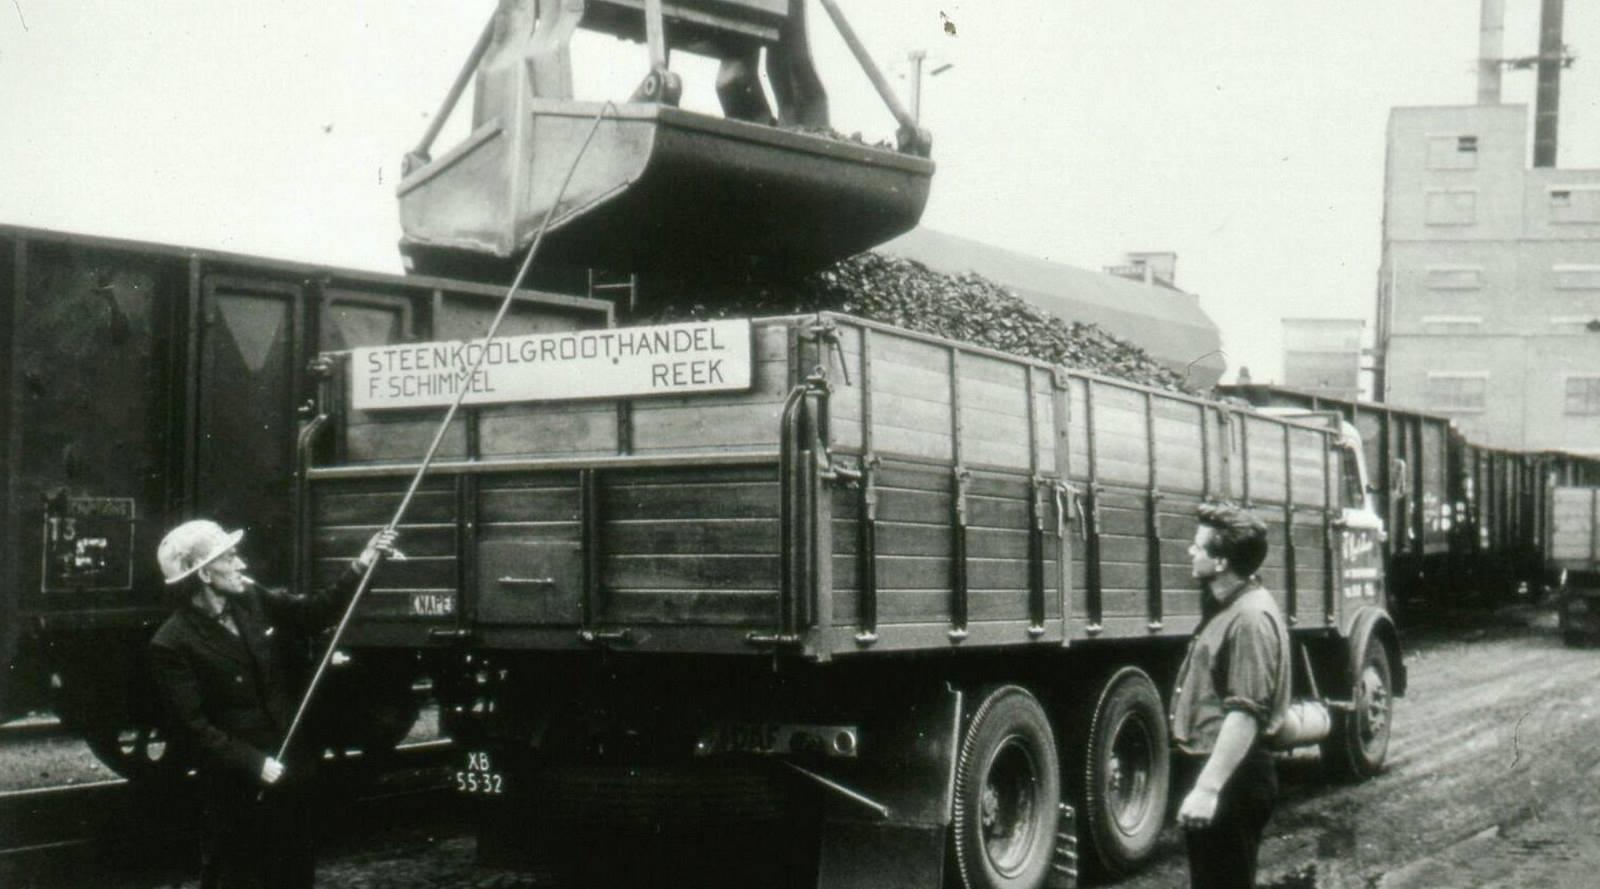 steenkool-groothandel-Reek